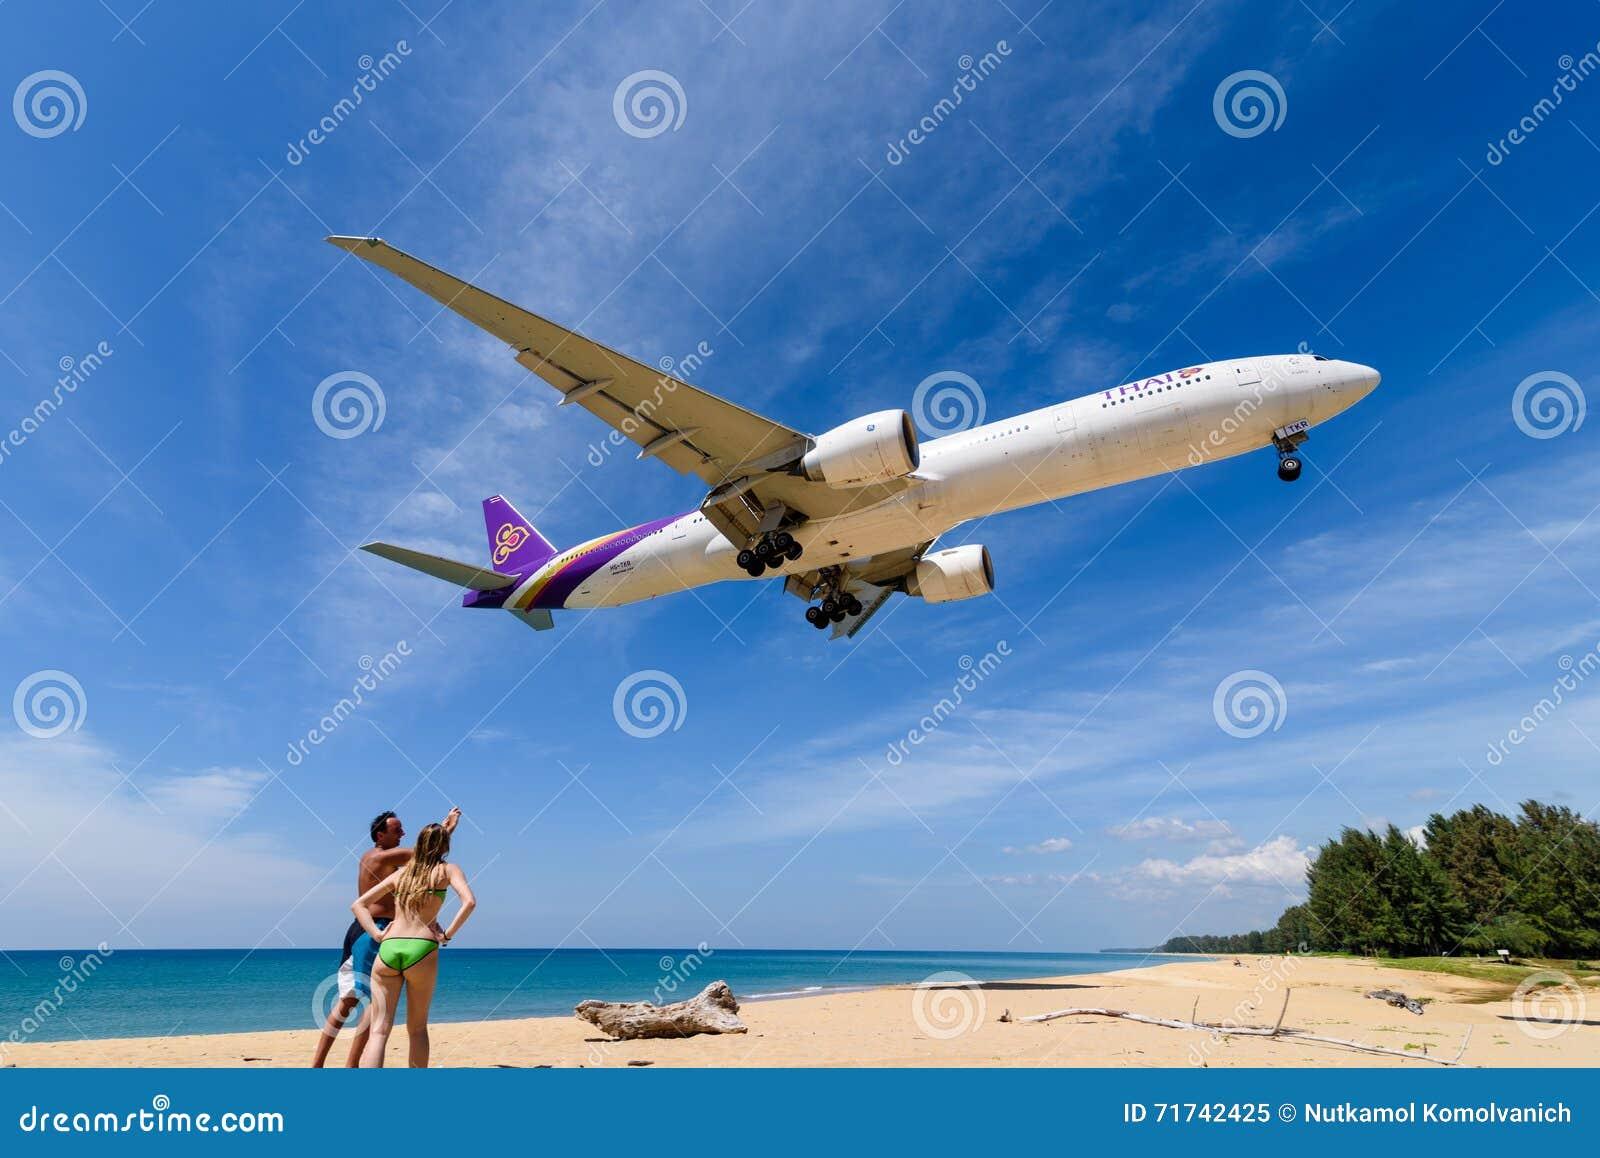 Aeroplano de Thai Airways, Boeing 777, aterrizando en el aeropuerto de phuket